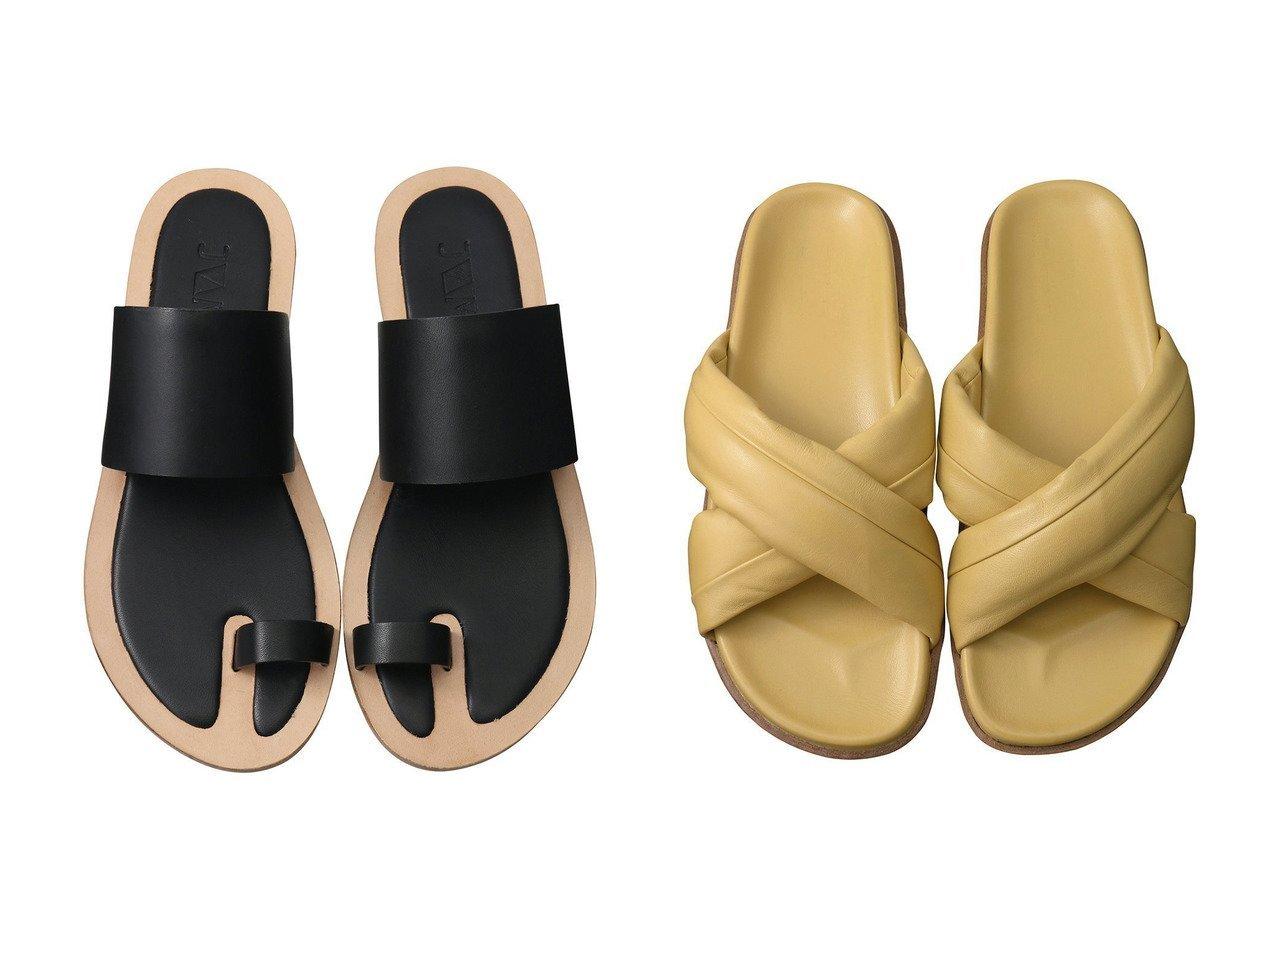 【JVAM/ジェーヴィエーエム】のOAK クロスベルトフットベッドサンダル&NIM トゥリングサンダル 【シューズ・靴】おすすめ!人気、トレンド・レディースファッションの通販 おすすめで人気の流行・トレンド、ファッションの通販商品 メンズファッション・キッズファッション・インテリア・家具・レディースファッション・服の通販 founy(ファニー) https://founy.com/ ファッション Fashion レディースファッション WOMEN ベルト Belts なめらか インソール クッション サンダル トラベル フラット シンプル 今季 |ID:crp329100000036723